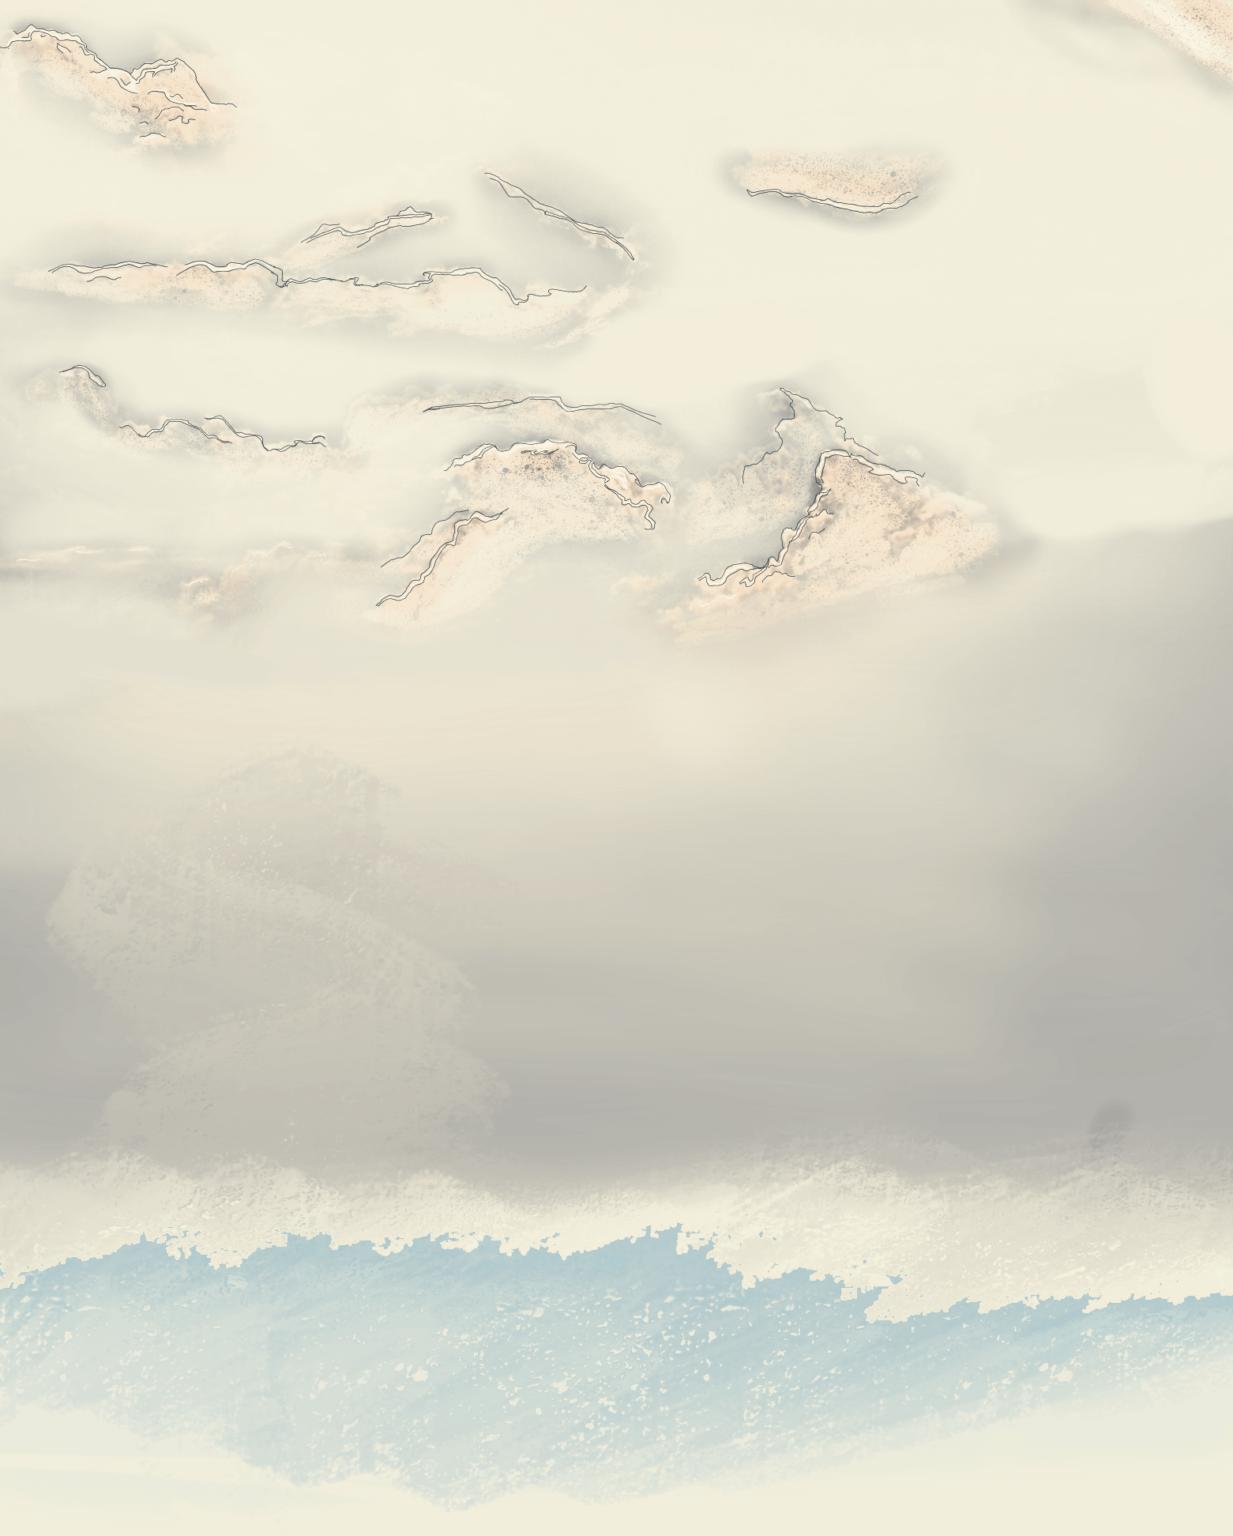 Cloud Scene for Tatuarium Tattoo Studio Homepage